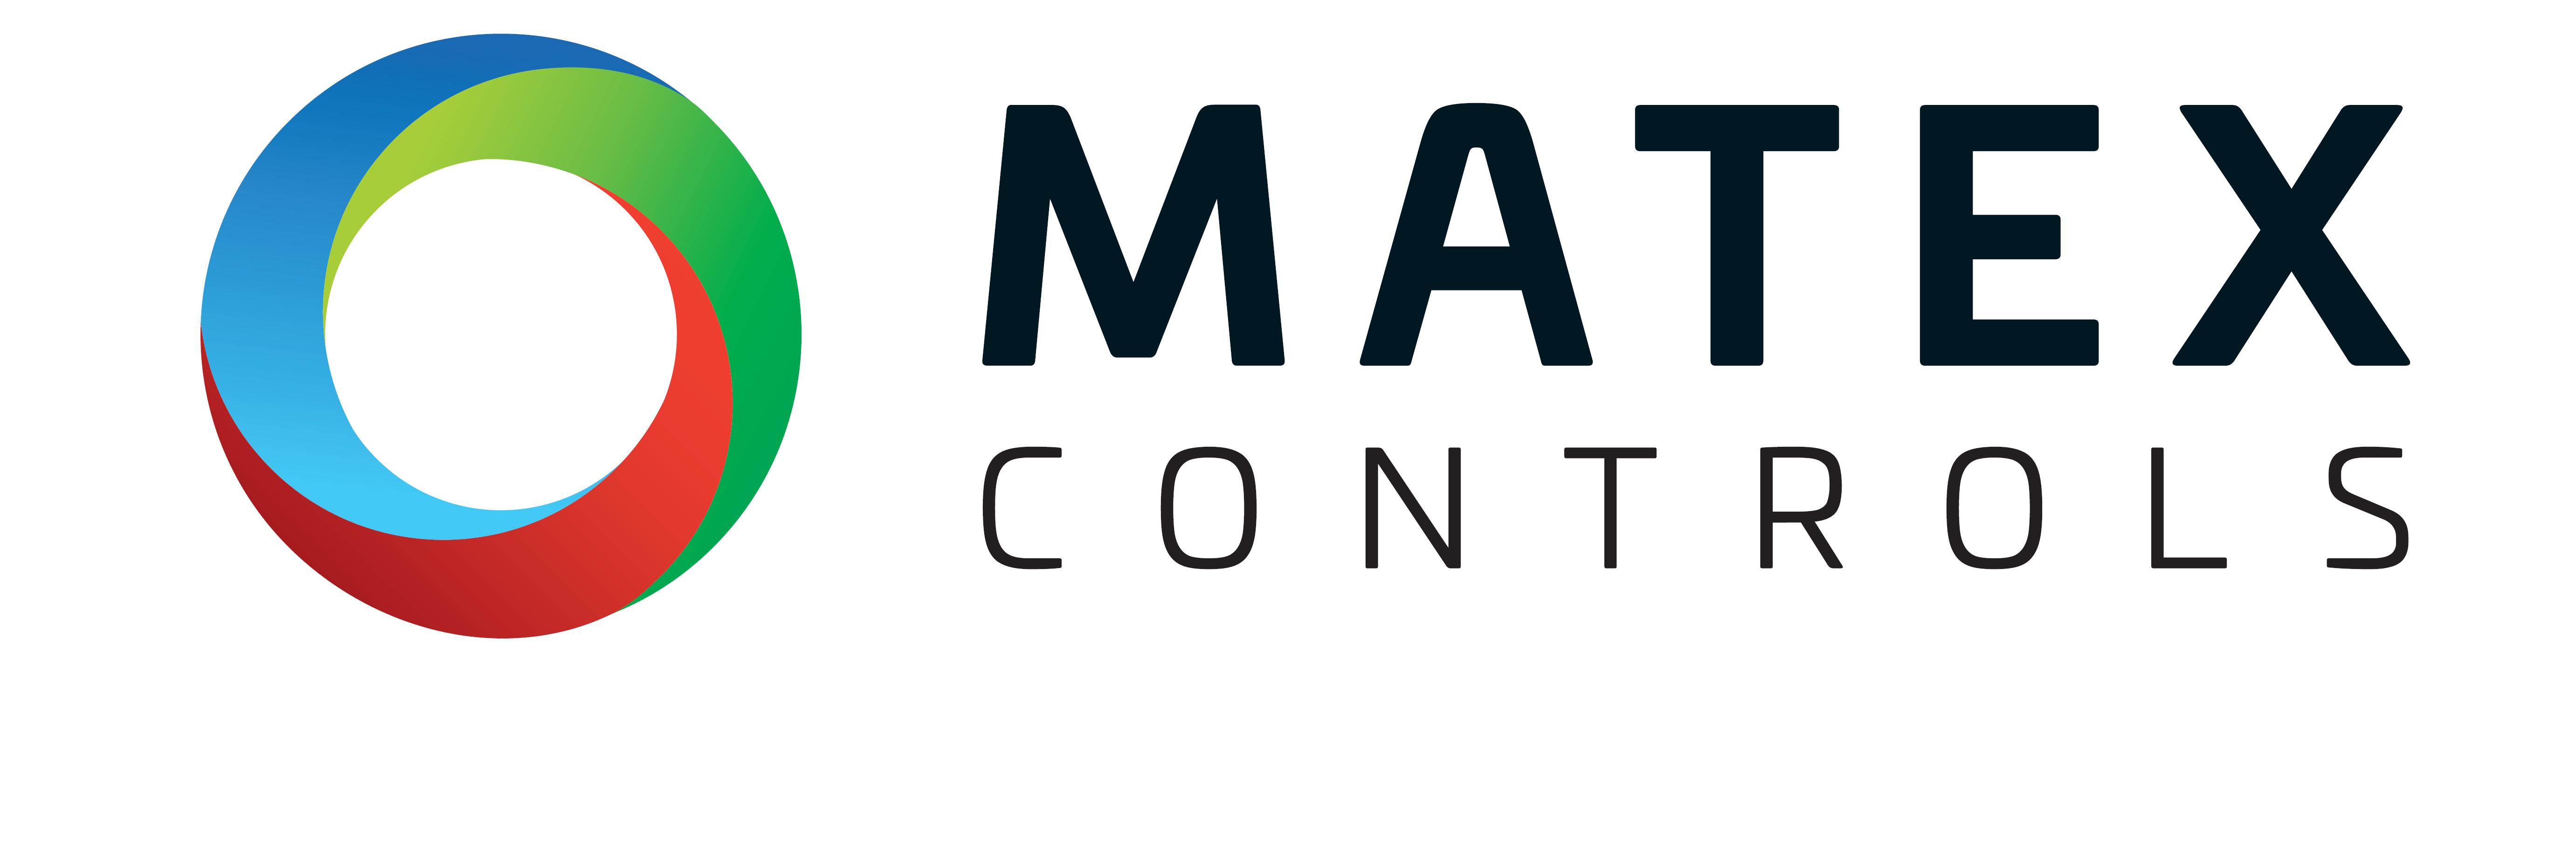 Matex Controls